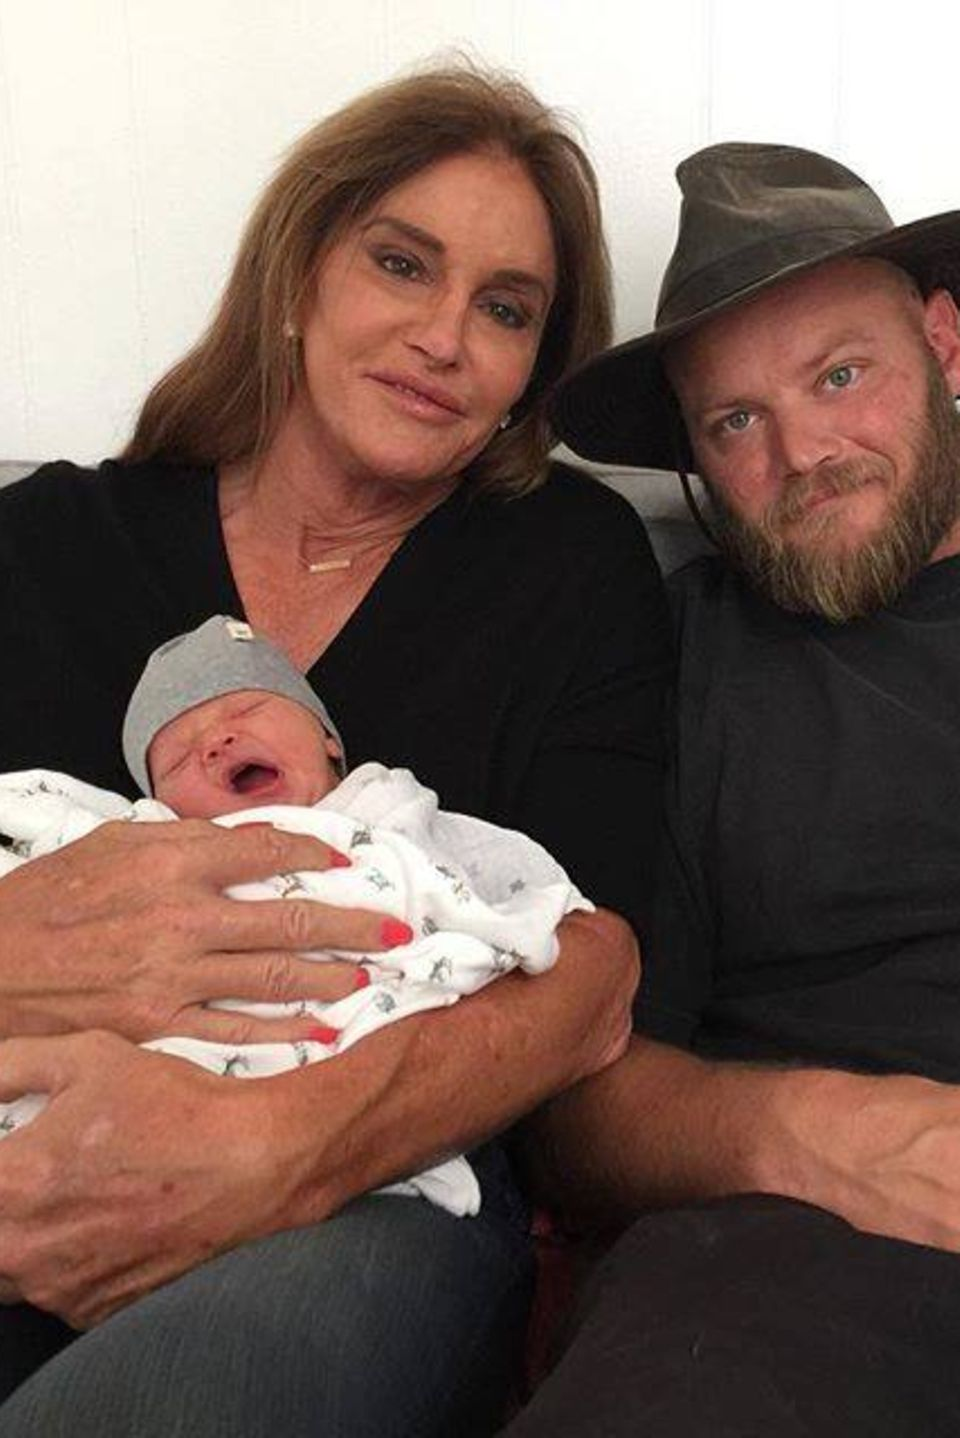 Caitlyn Jenner ist mal wieder Oma geworden. Der kleine Bodhi hat das Licht der Welt erblickt. An der Seite von ihrem Sohn Burt Jenner freut sie sich über das süße Baby.